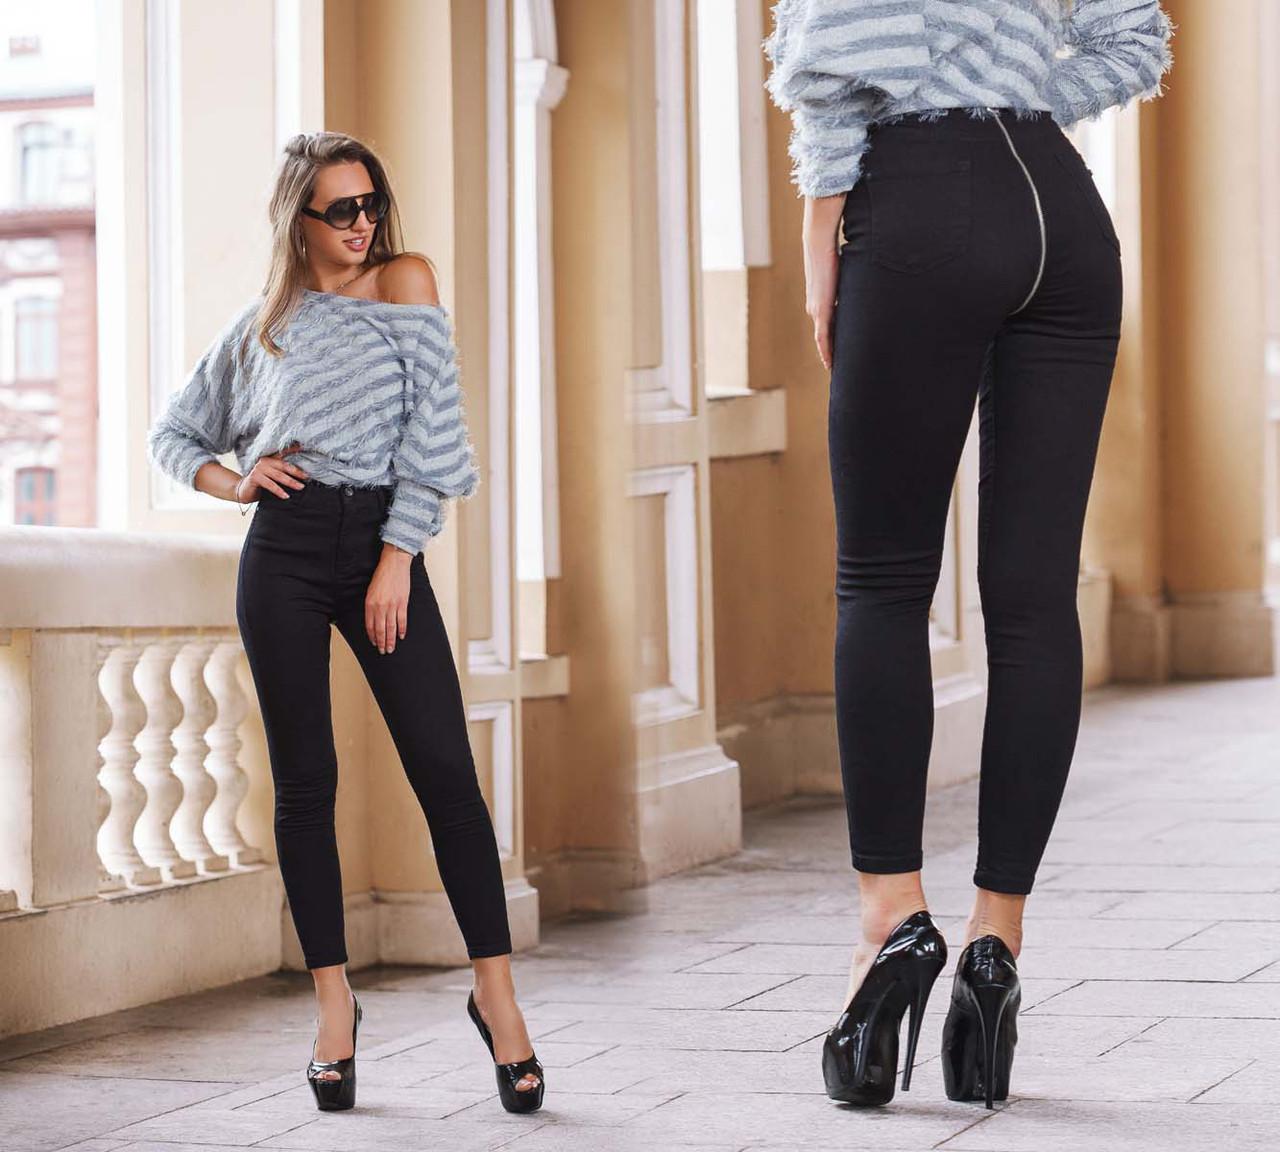 Женские стильные джинсы со змейкой сзади до больших размеров 20070